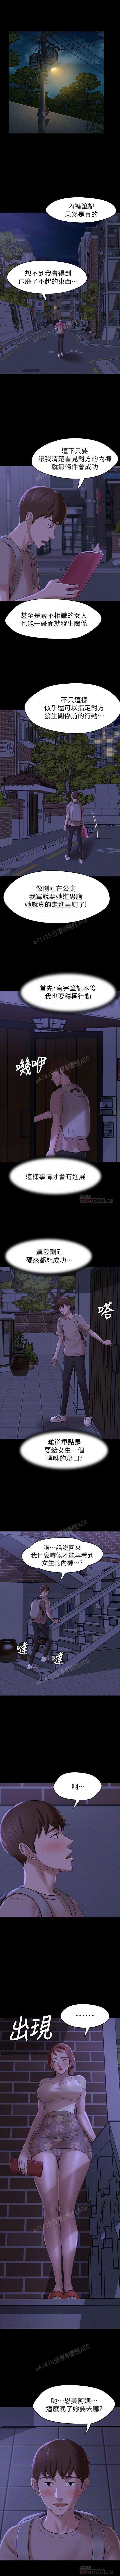 panty note 小褲褲筆記 小裤裤笔记 01-35 连载中 中文 重新排序 Reorder 116